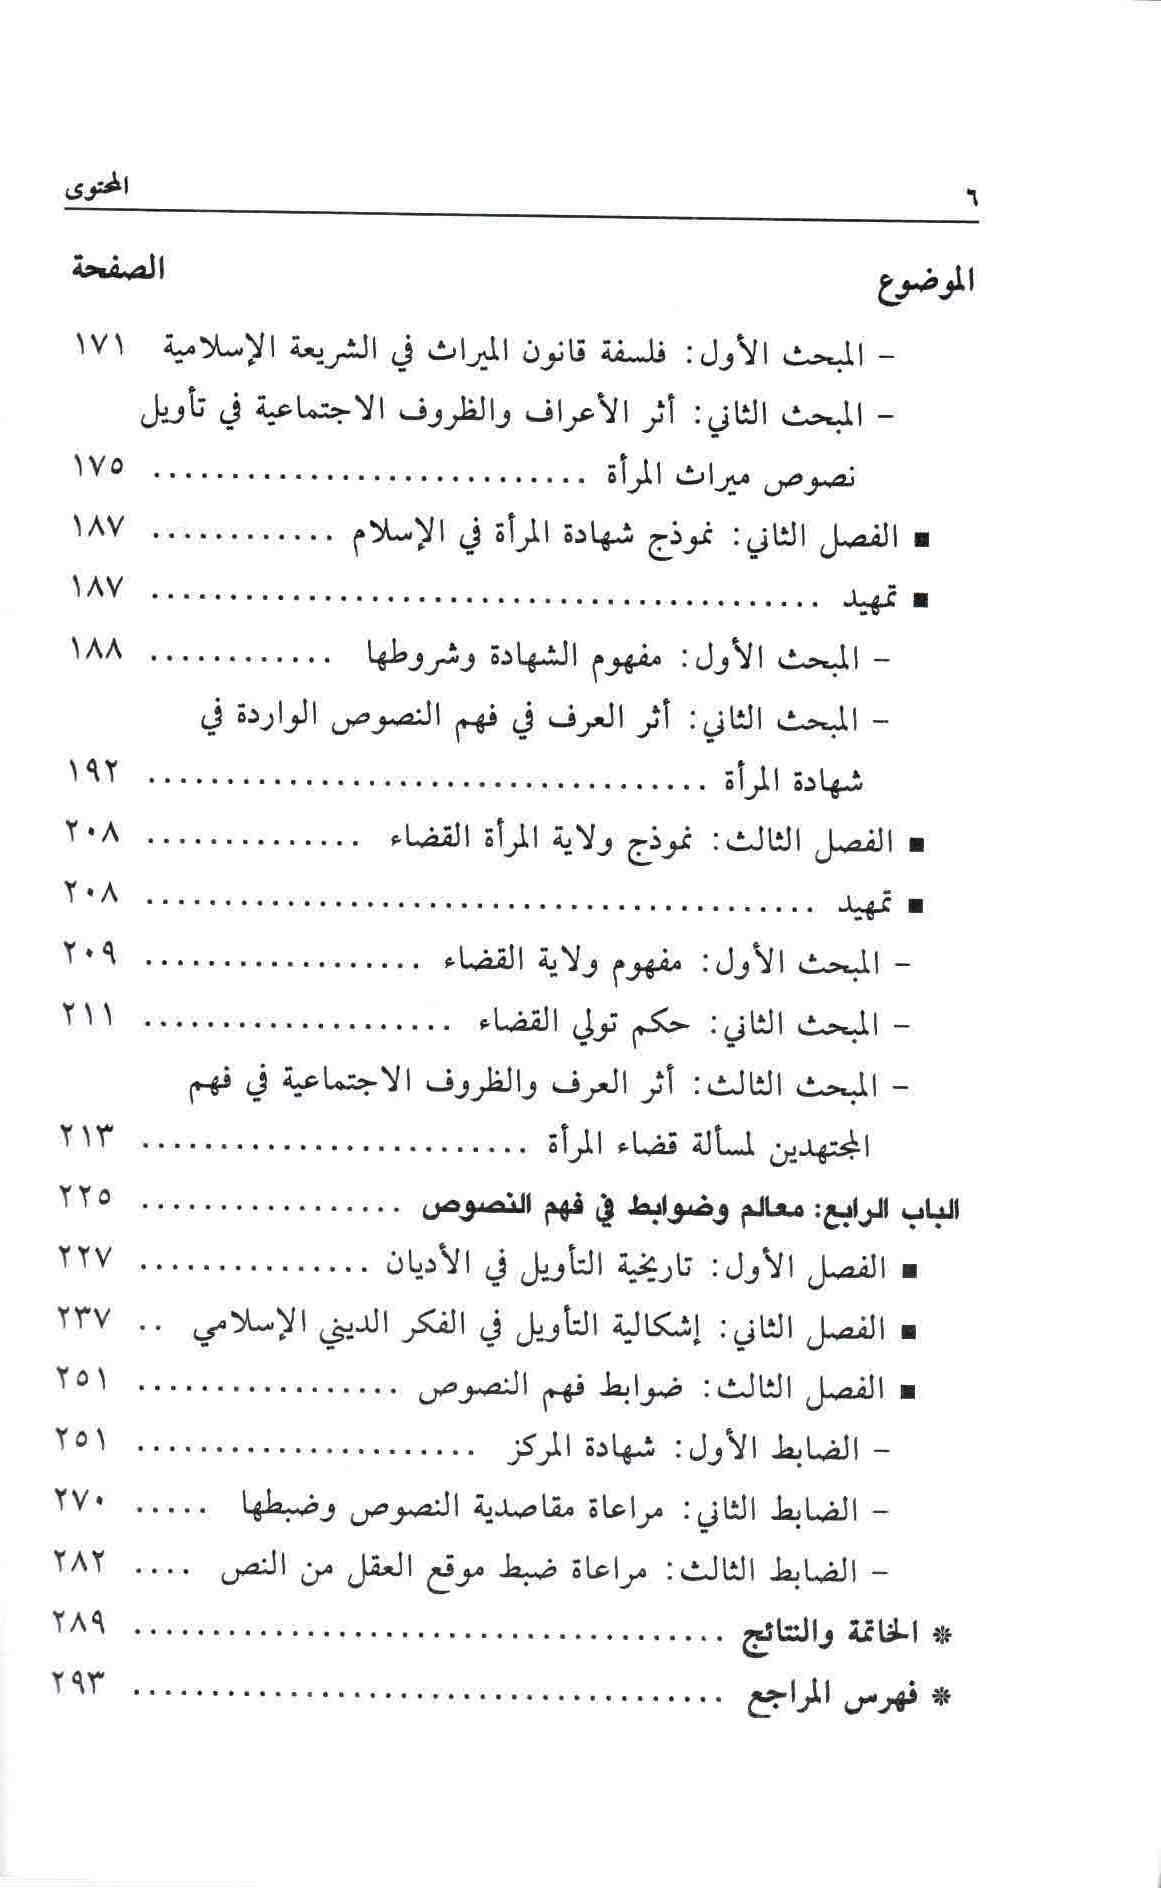 ص 6 محتويات كتاب أثر العرف